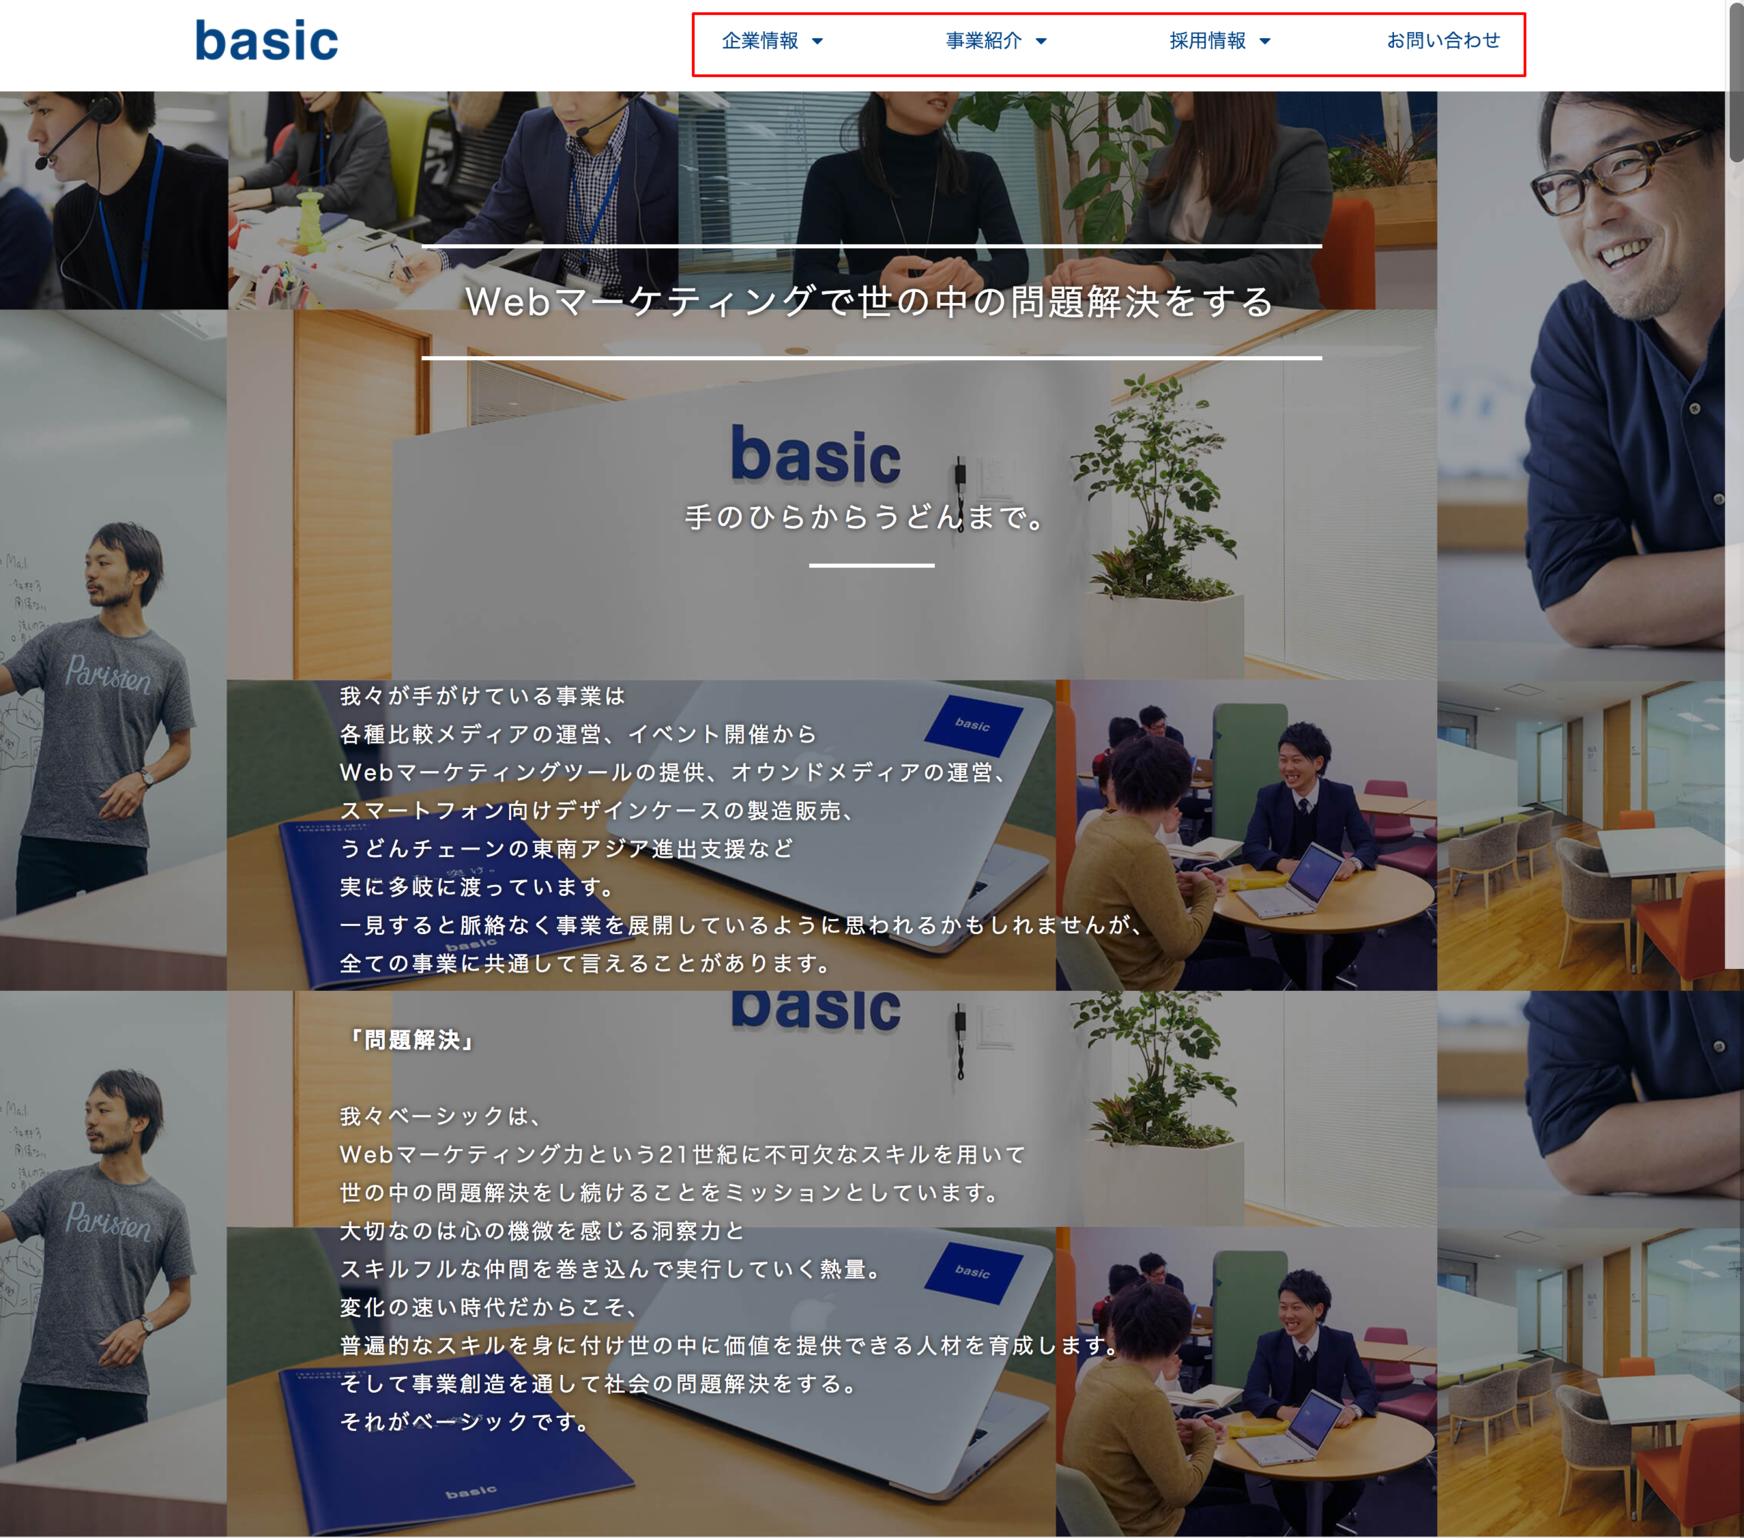 株式会社ベーシック___Webマーケティングで問題解決する!.png